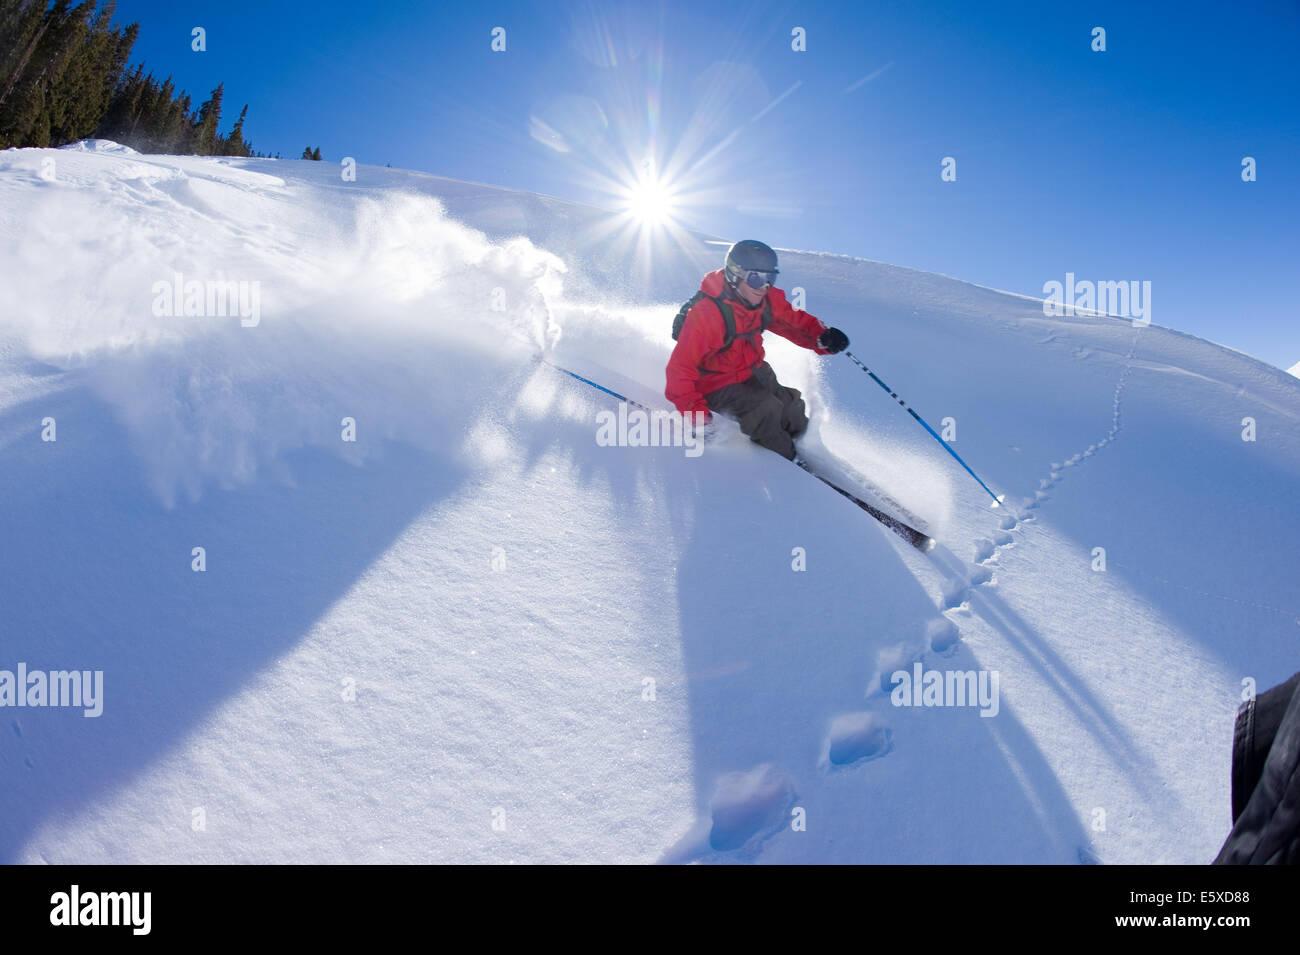 Kiffor Berg skiing in Aspen, Colorado - Stock Image